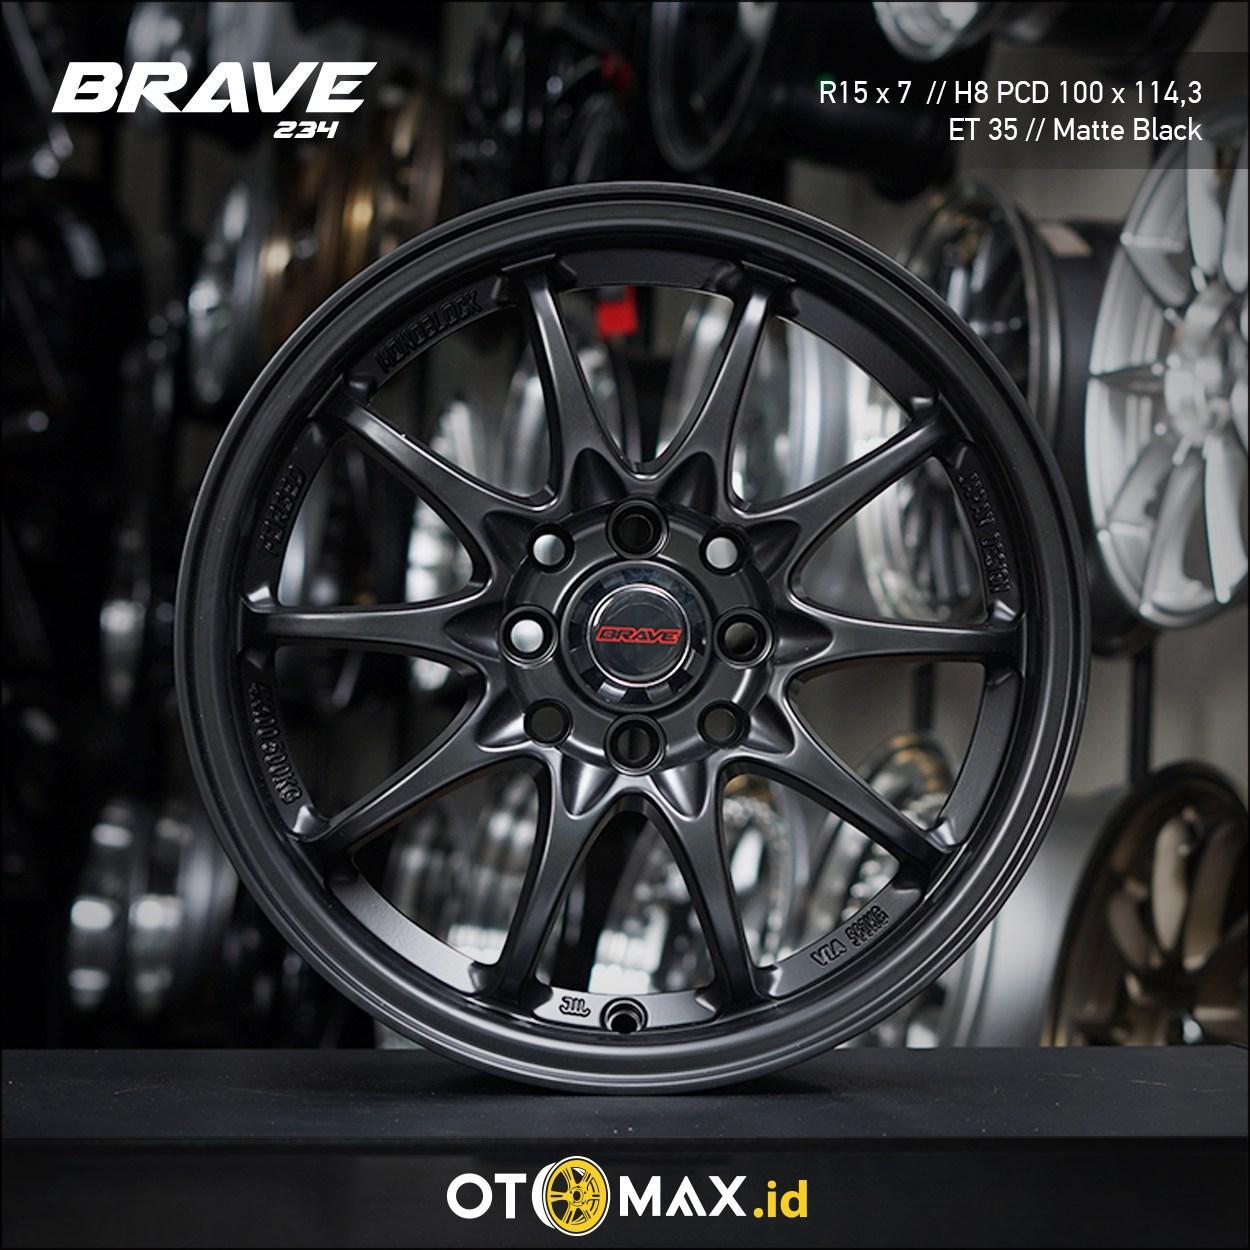 Velg Mobil Brave (234) Ring 15 Matte Black